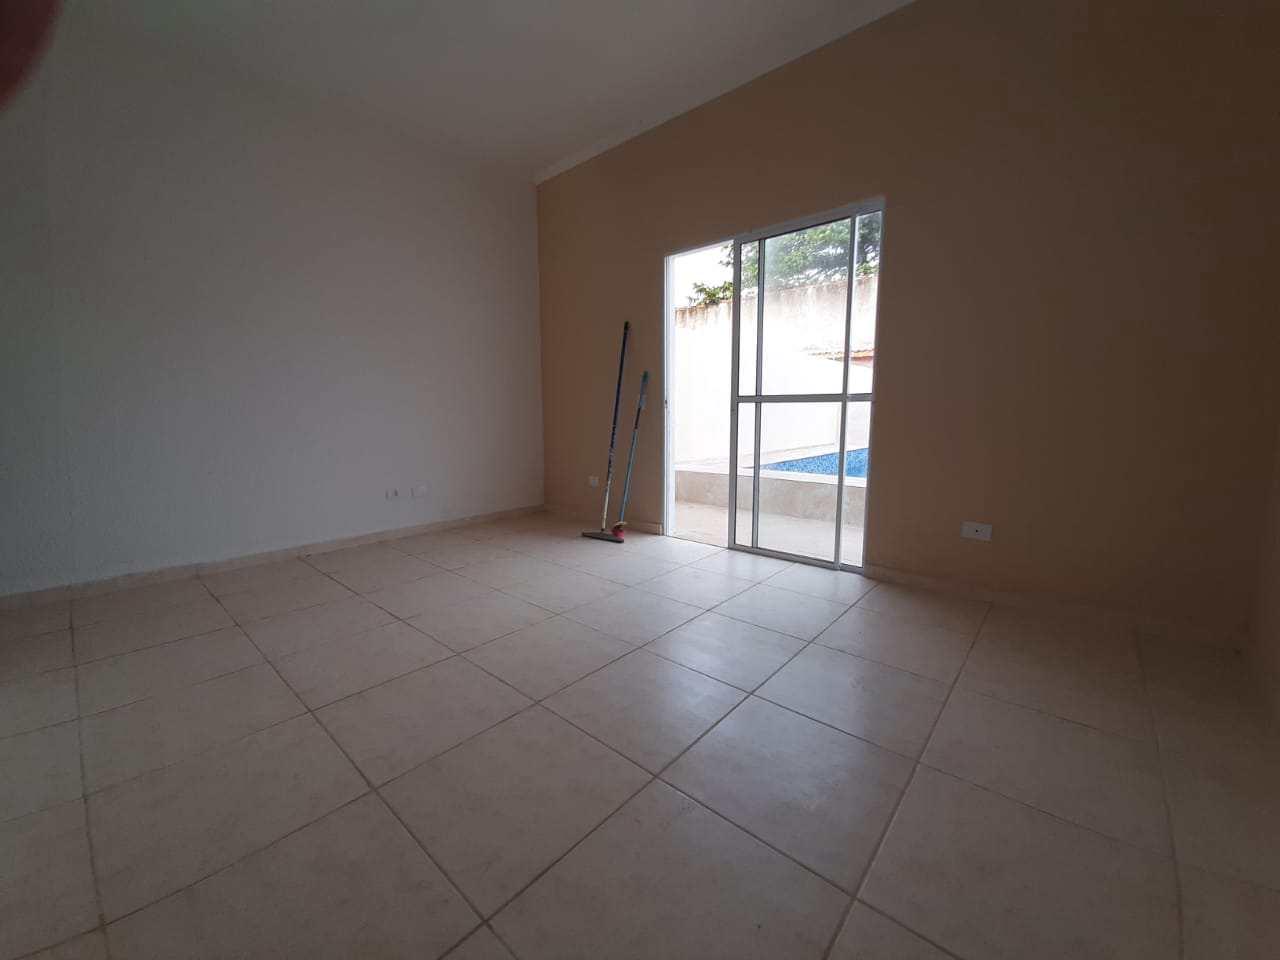 Casas novas, 3 dorm. à 50m da praia em Itanhaém - Cod: 375